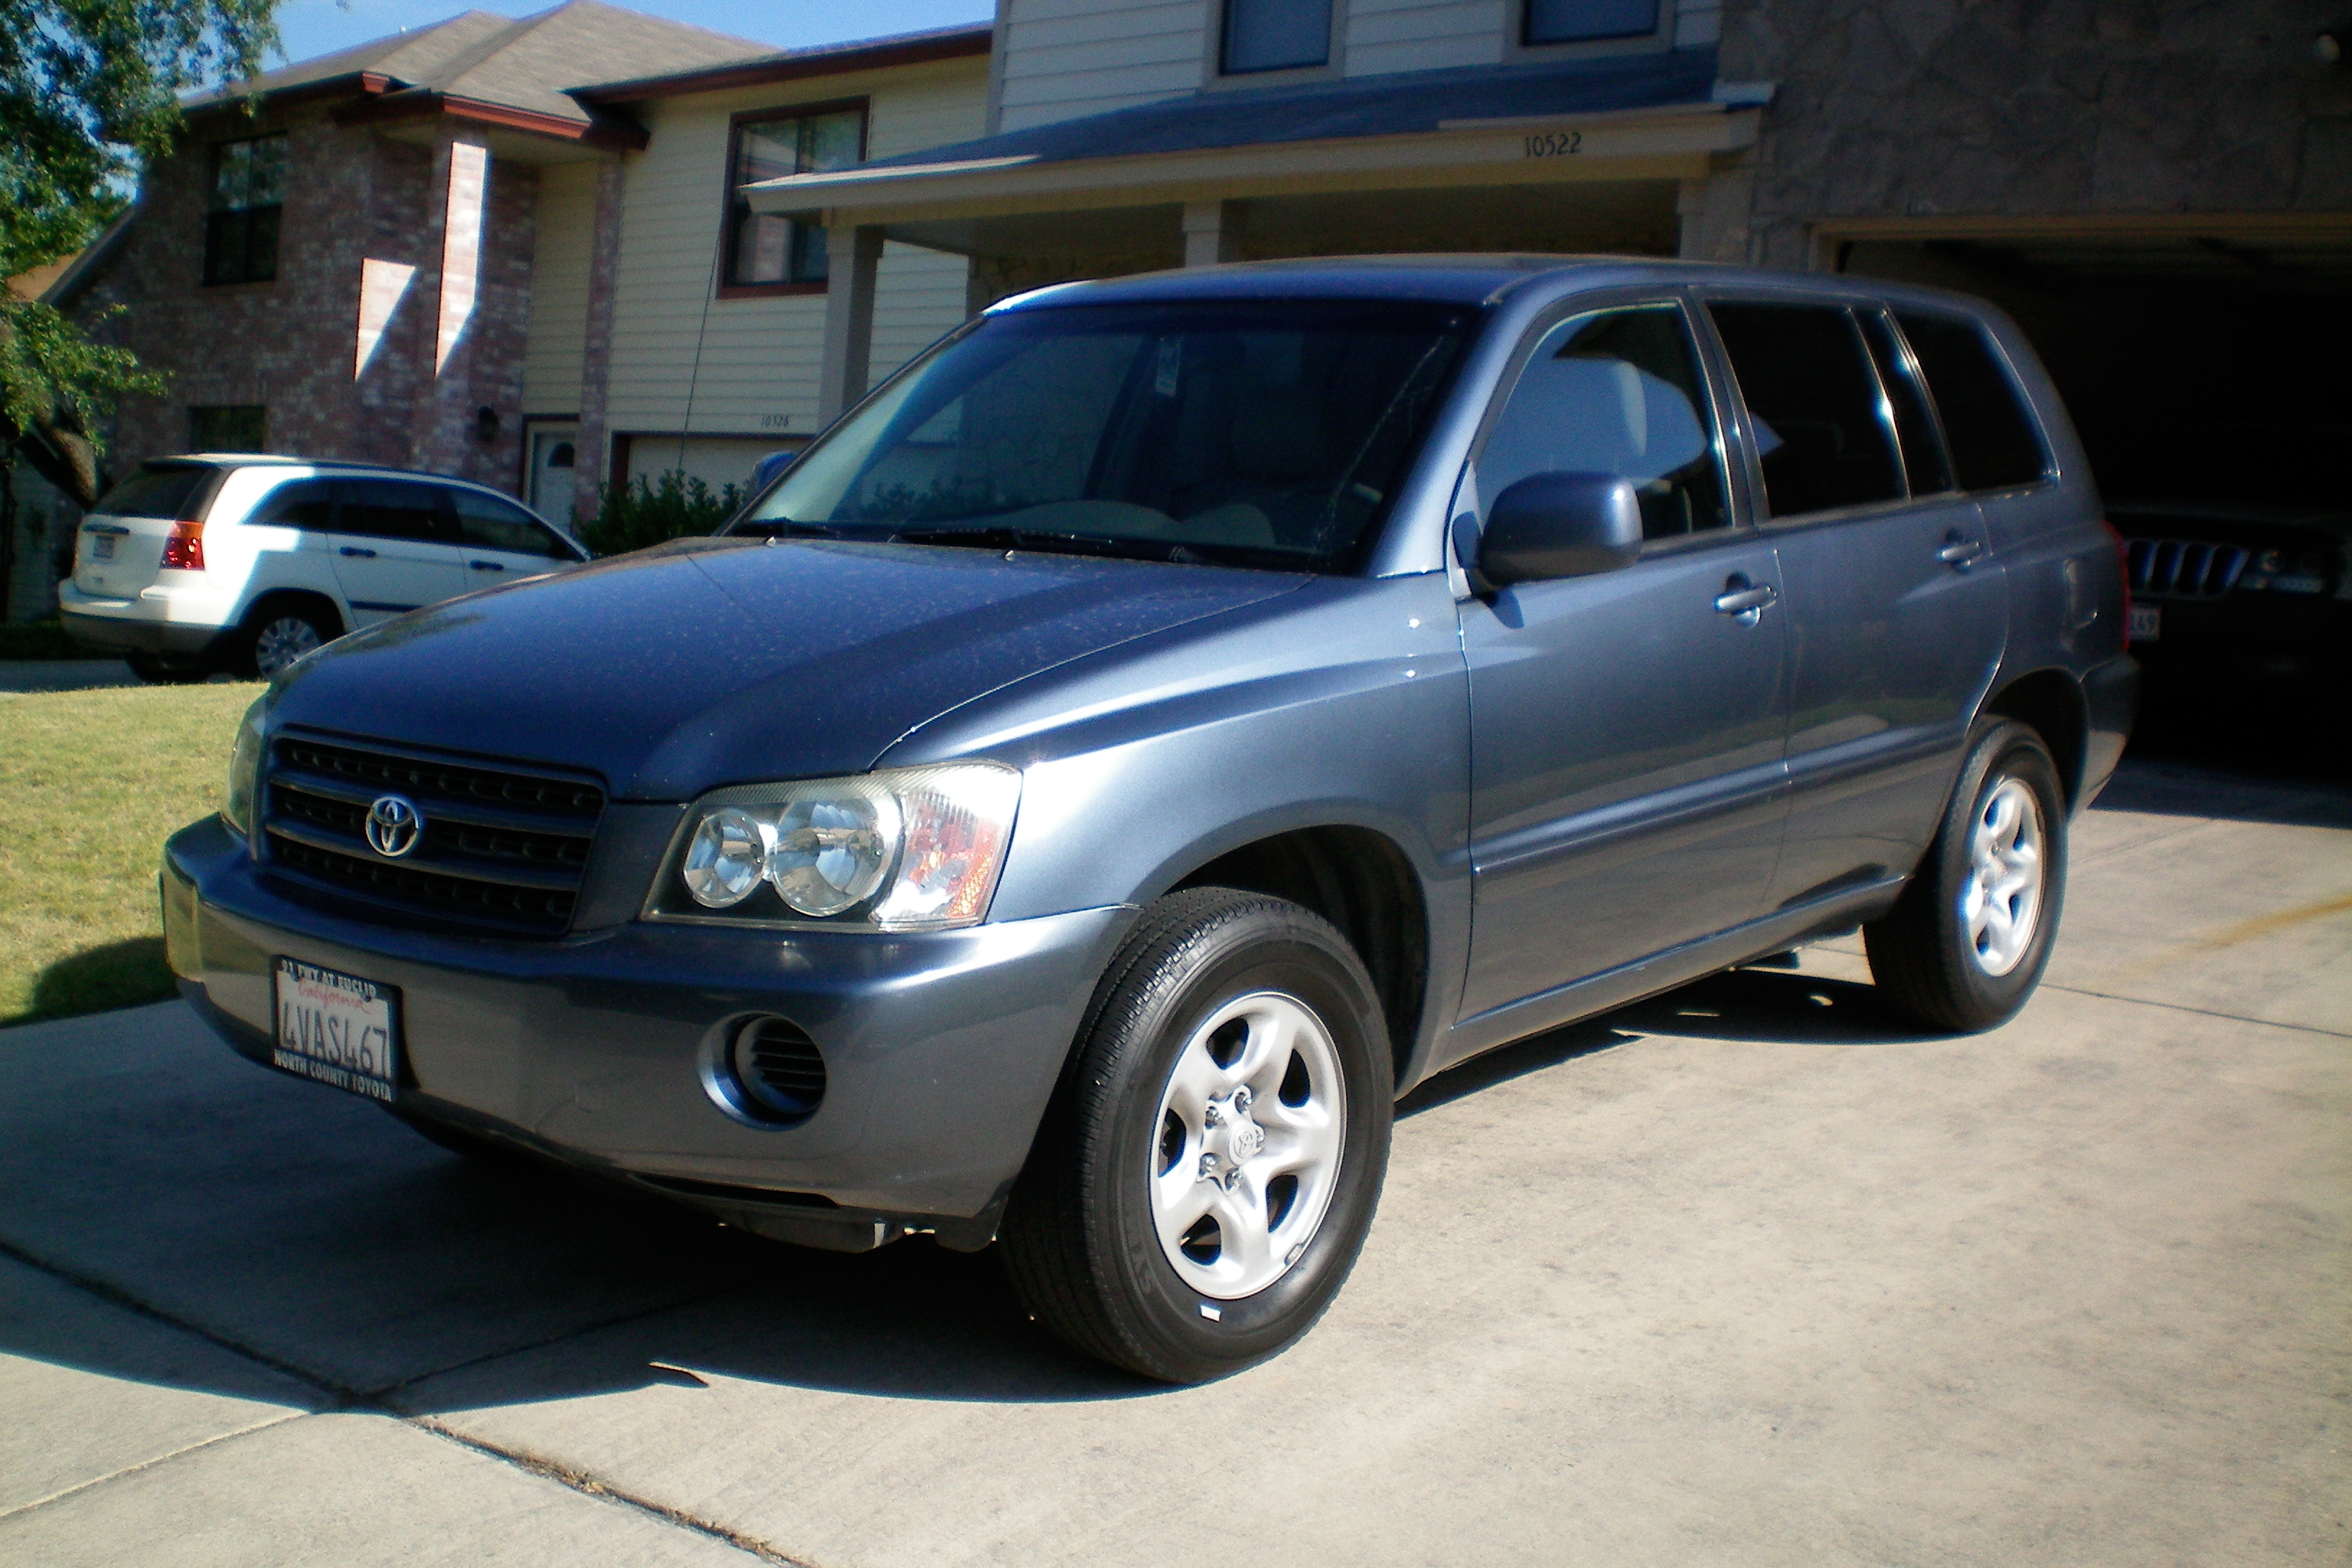 My 2002 Toyota Highlander